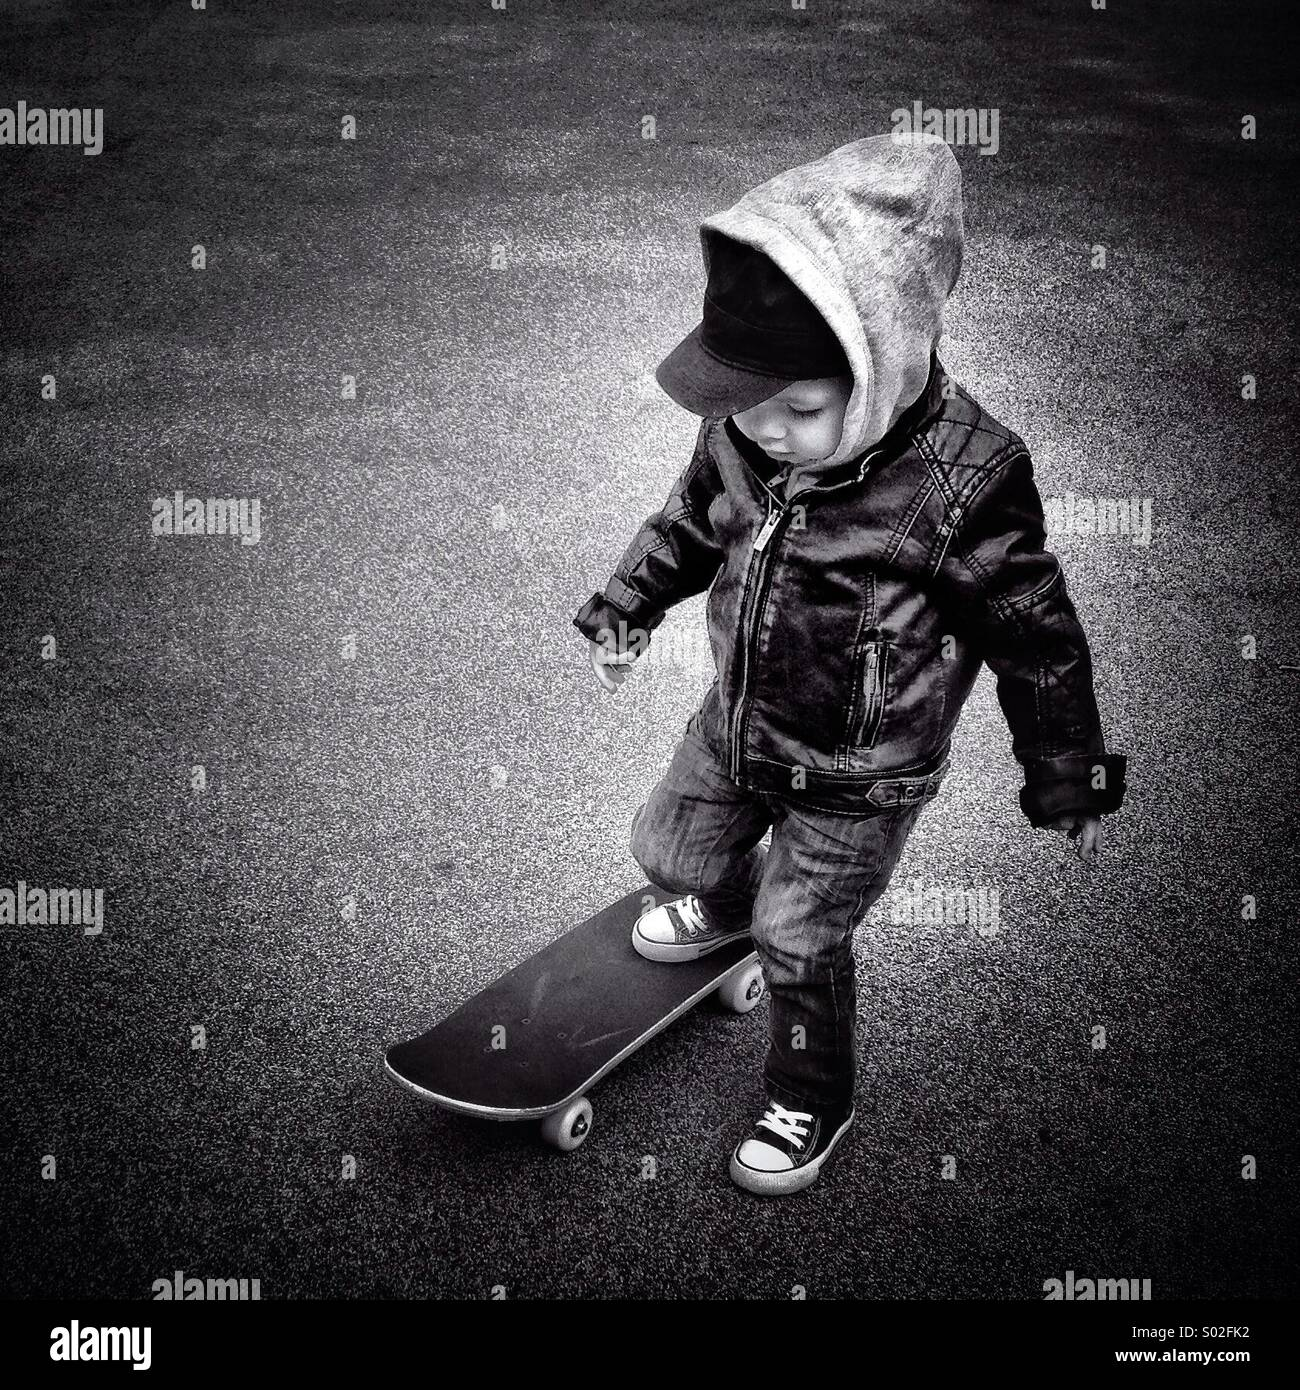 Kleinkind mit Lederjacke ein Skateboard ausprobieren Stockbild